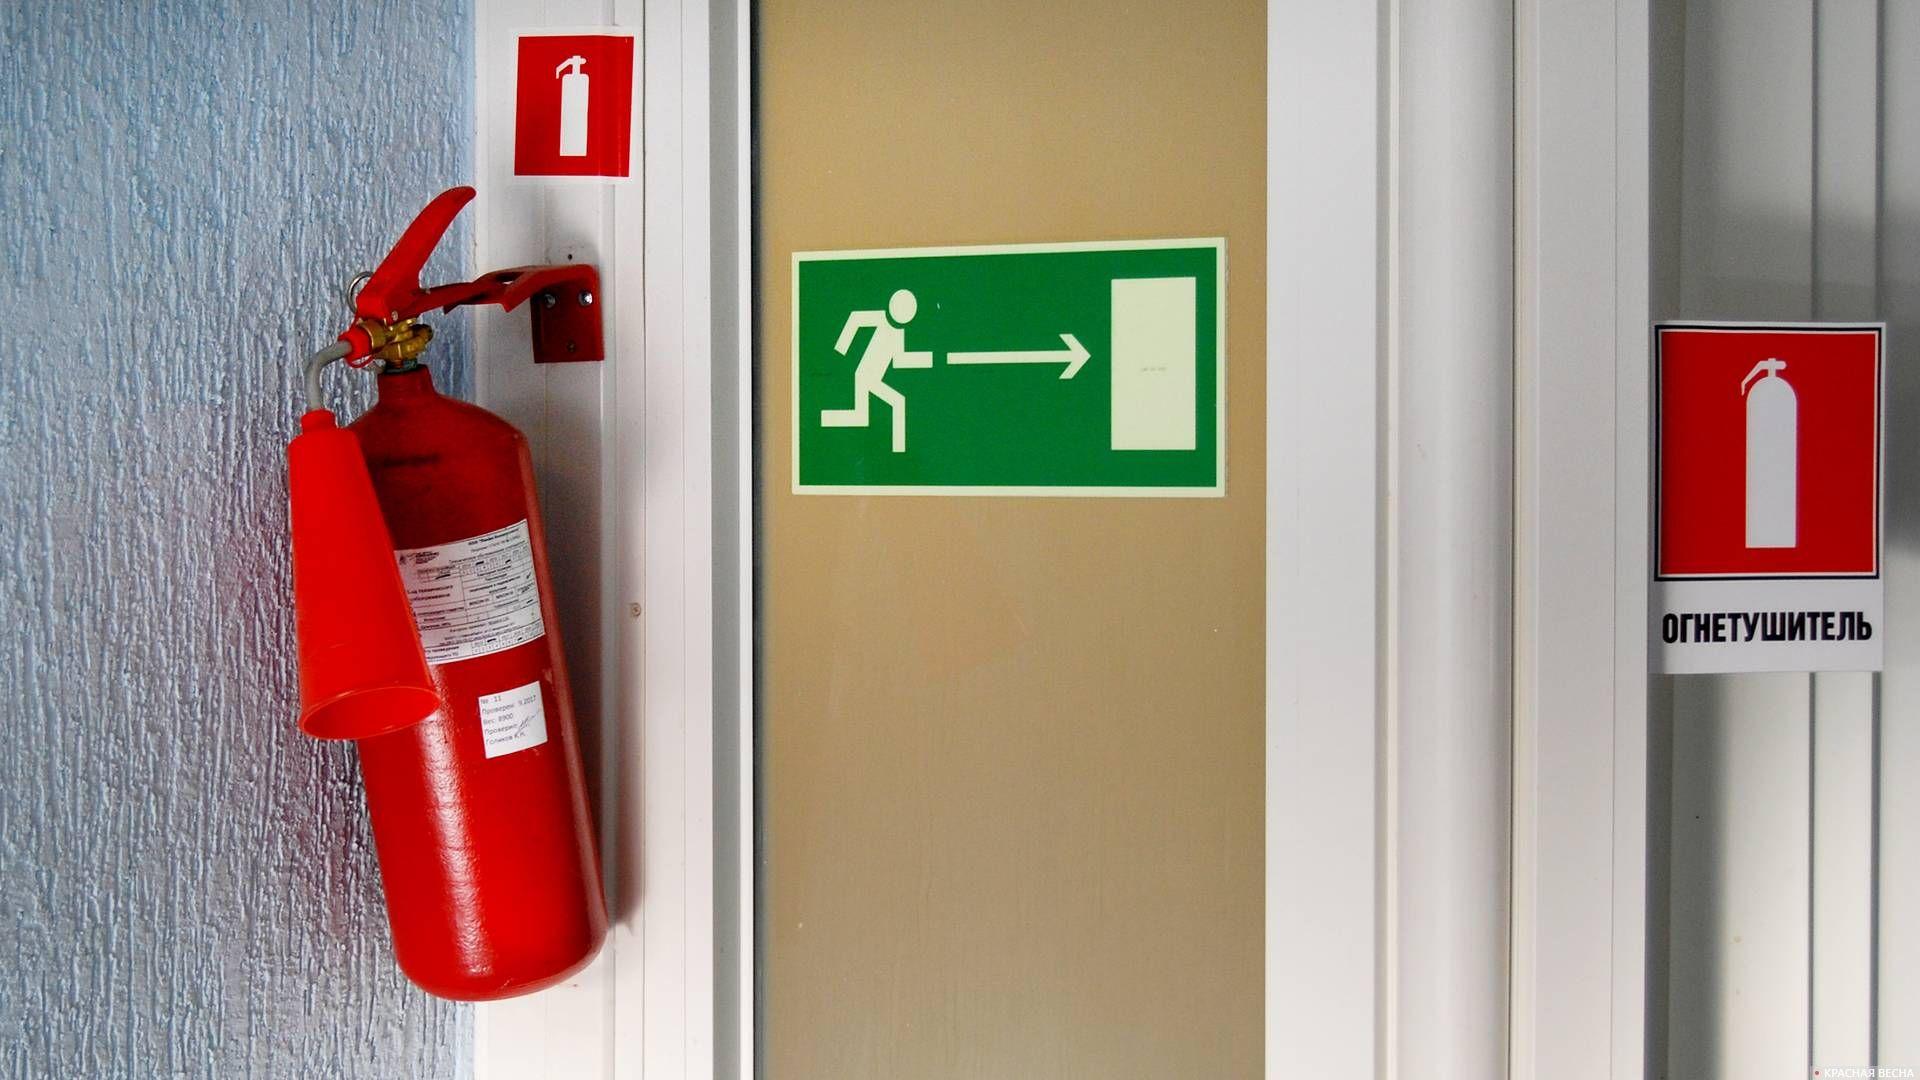 Все документы должны соответствовать фактическому состоянию пожарной безопасности и защиты на объекте.